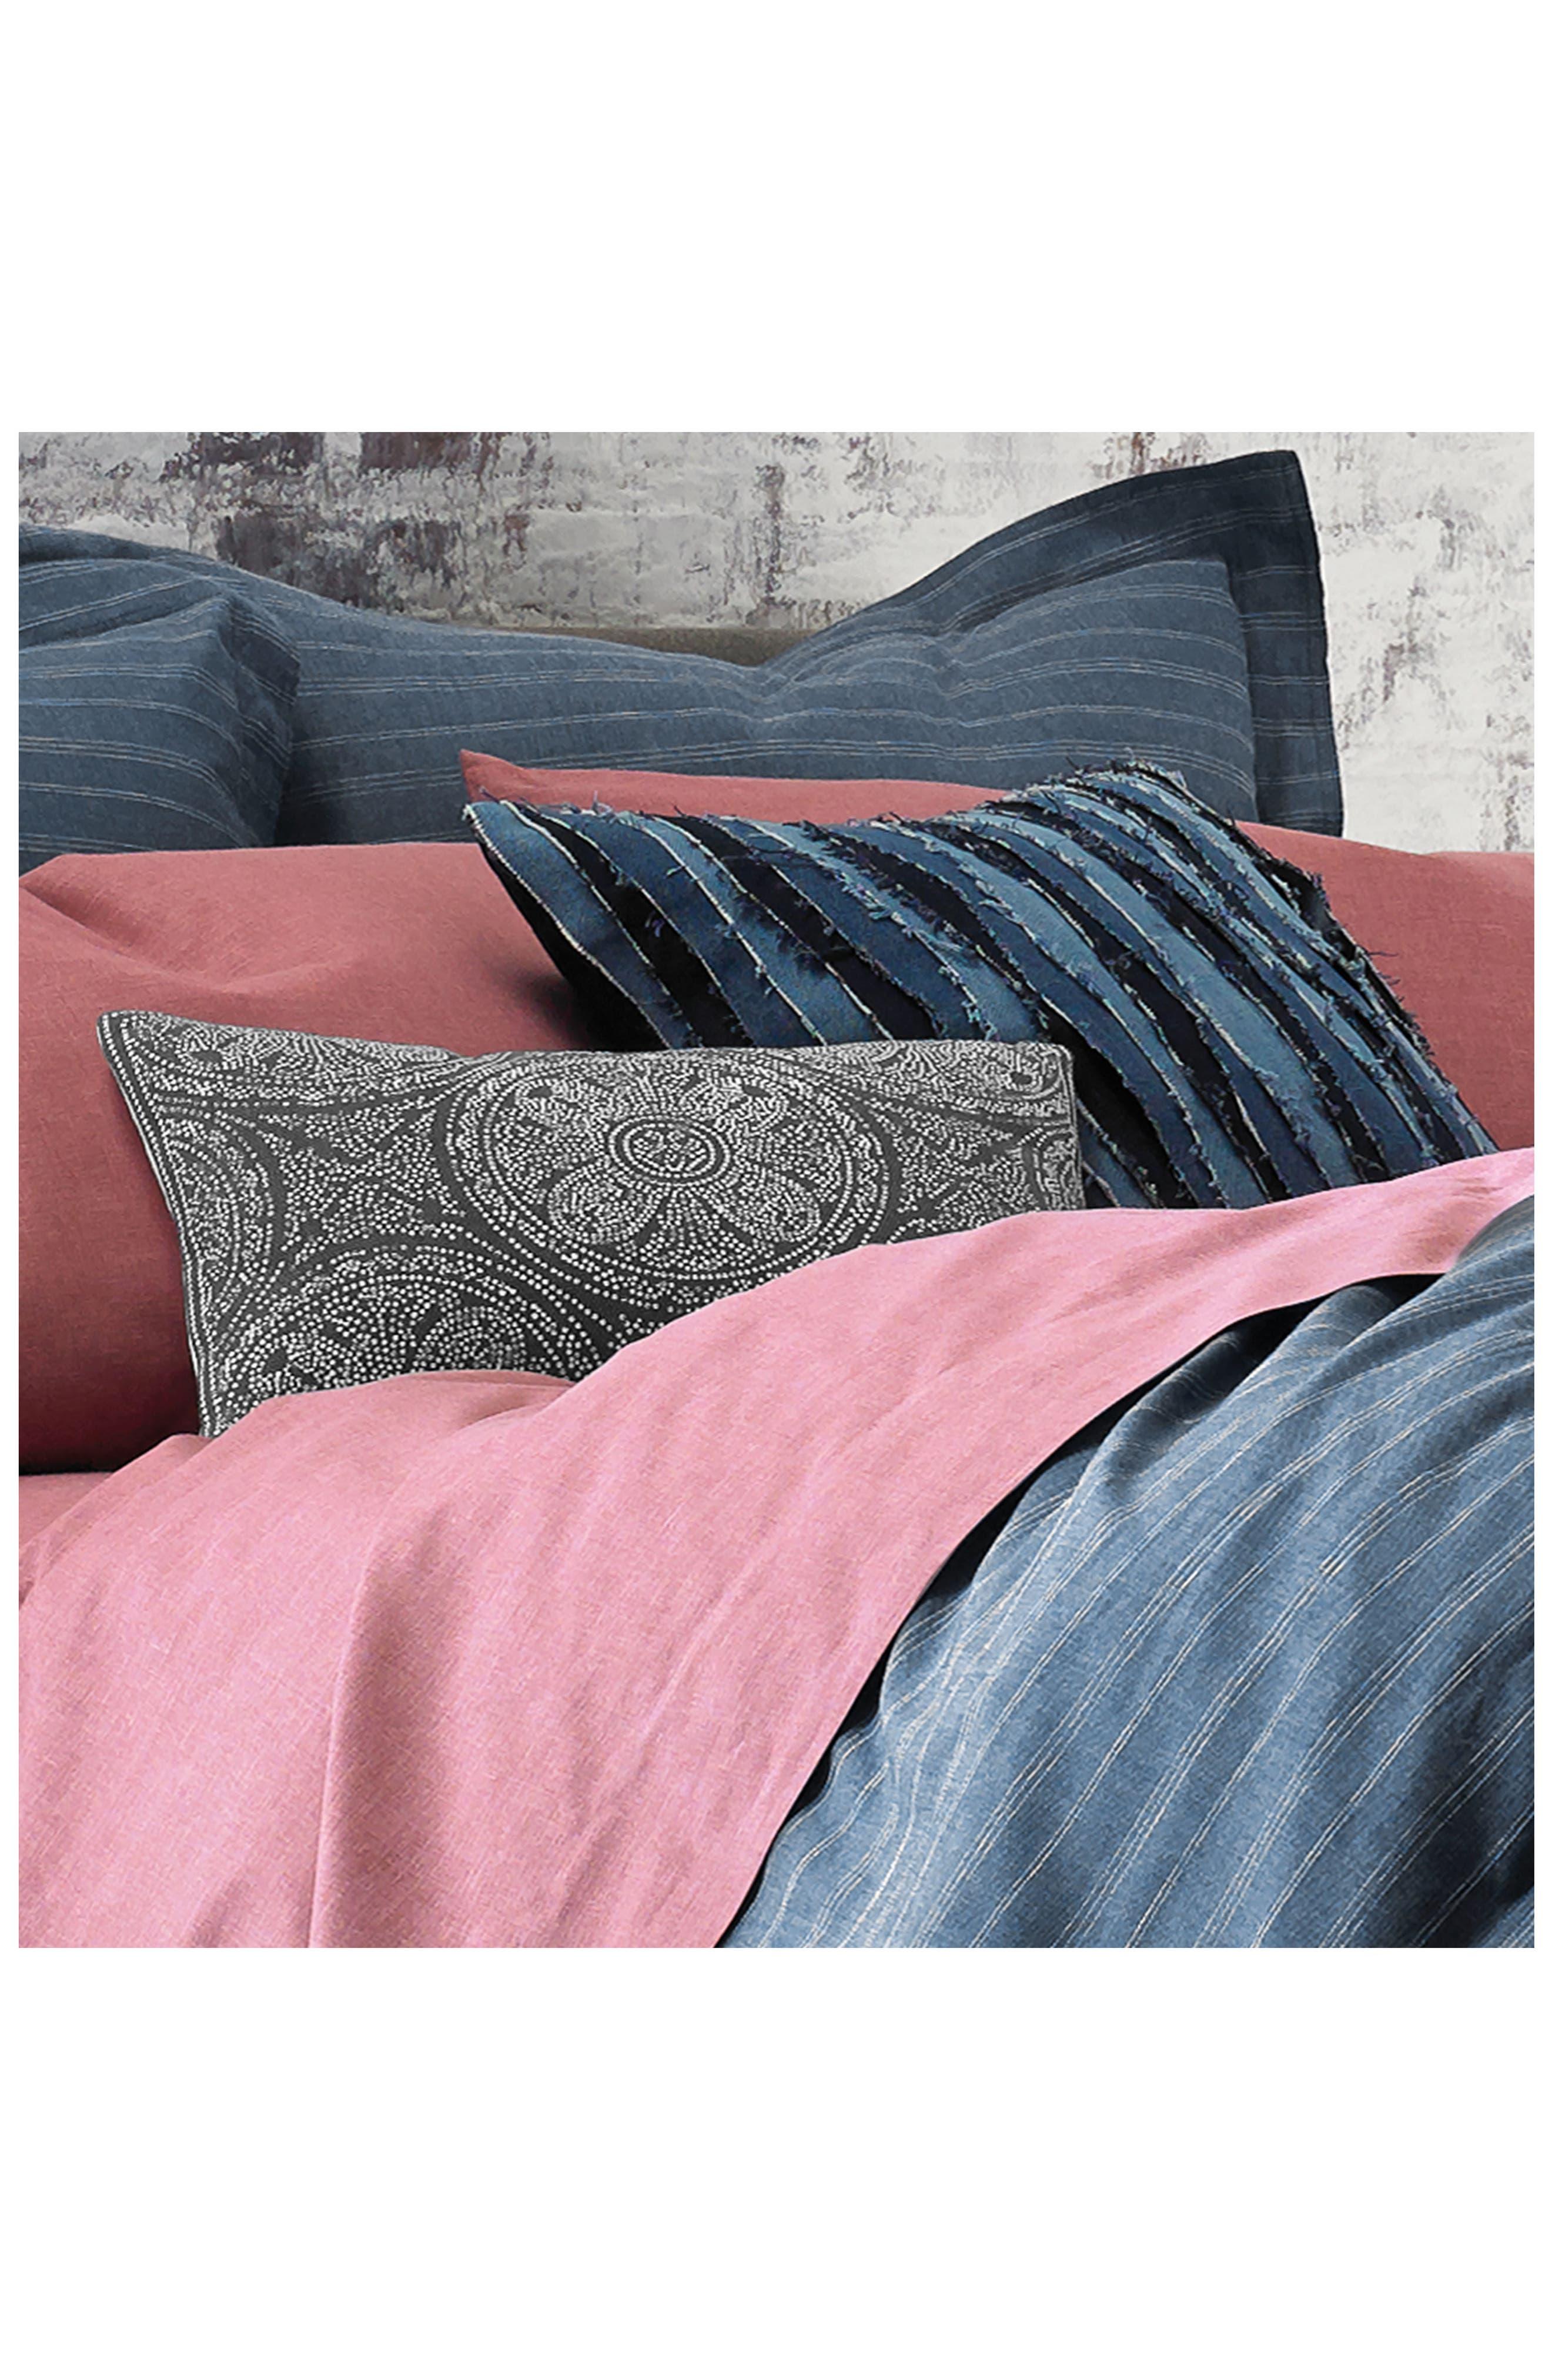 Destroyed Denim Accent Pillow,                             Alternate thumbnail 2, color,                             Denim Blue